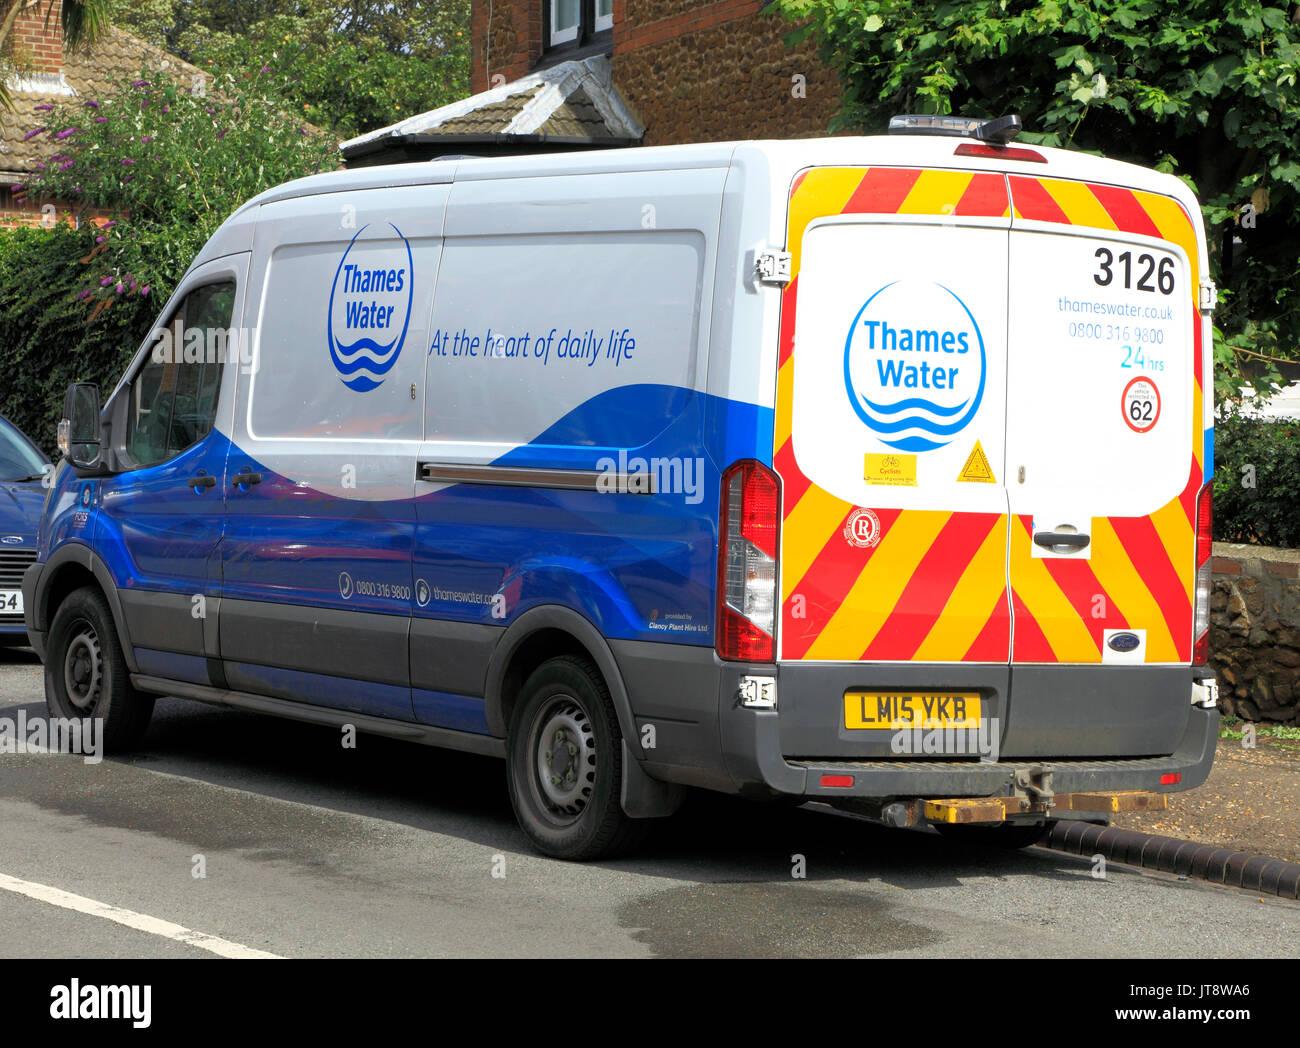 Thames Water, empresa, empresas, vehículo de servicio, van, furgonetas, vehículos, Inglaterra, Reino Unido. Imagen De Stock